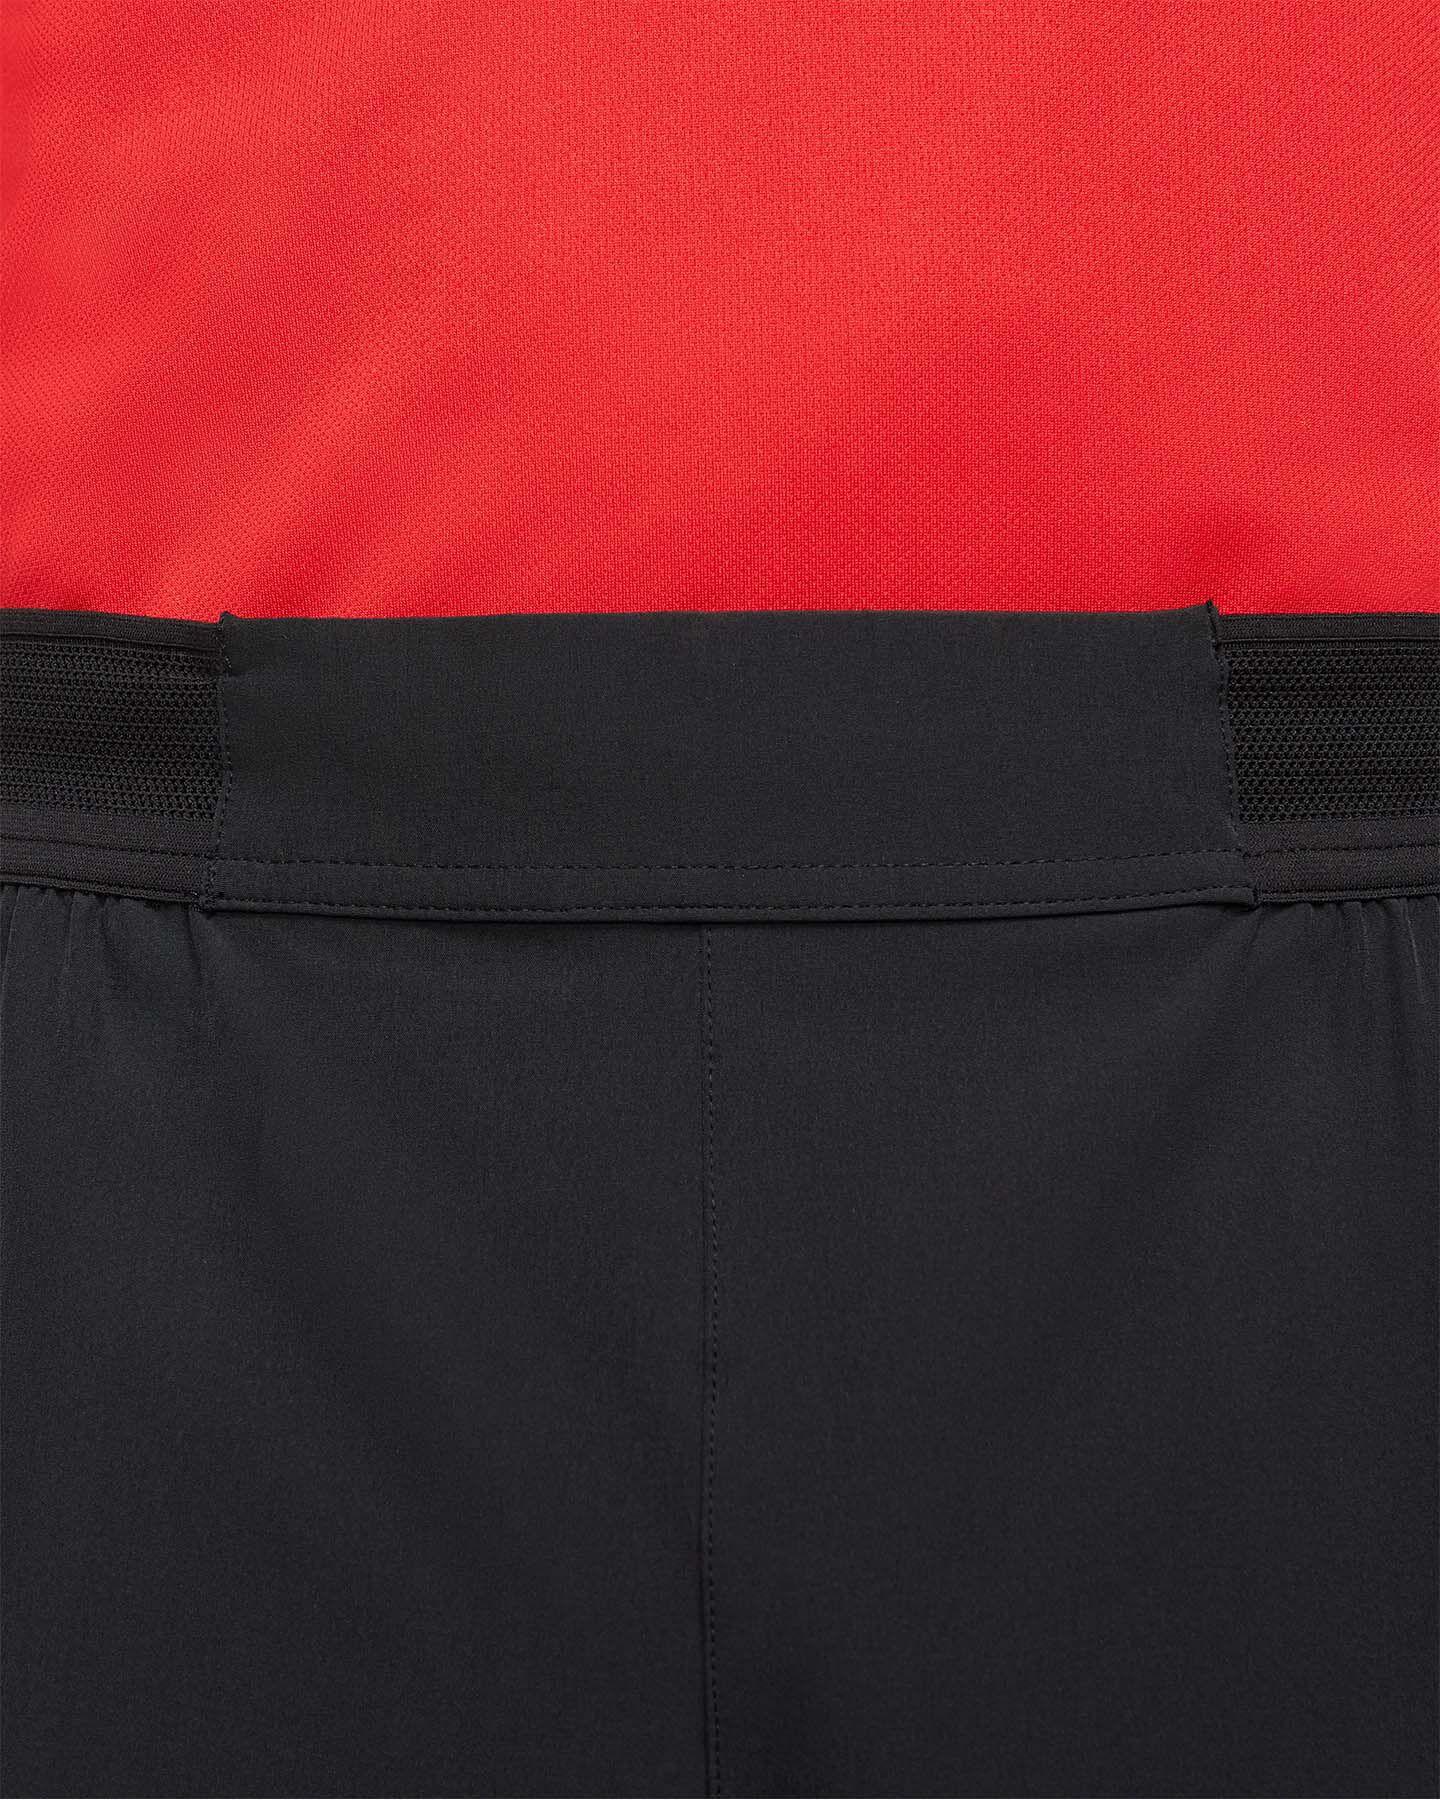 Pantaloncini tennis NIKE ADV FLEX 9IN  M S5269283 scatto 4